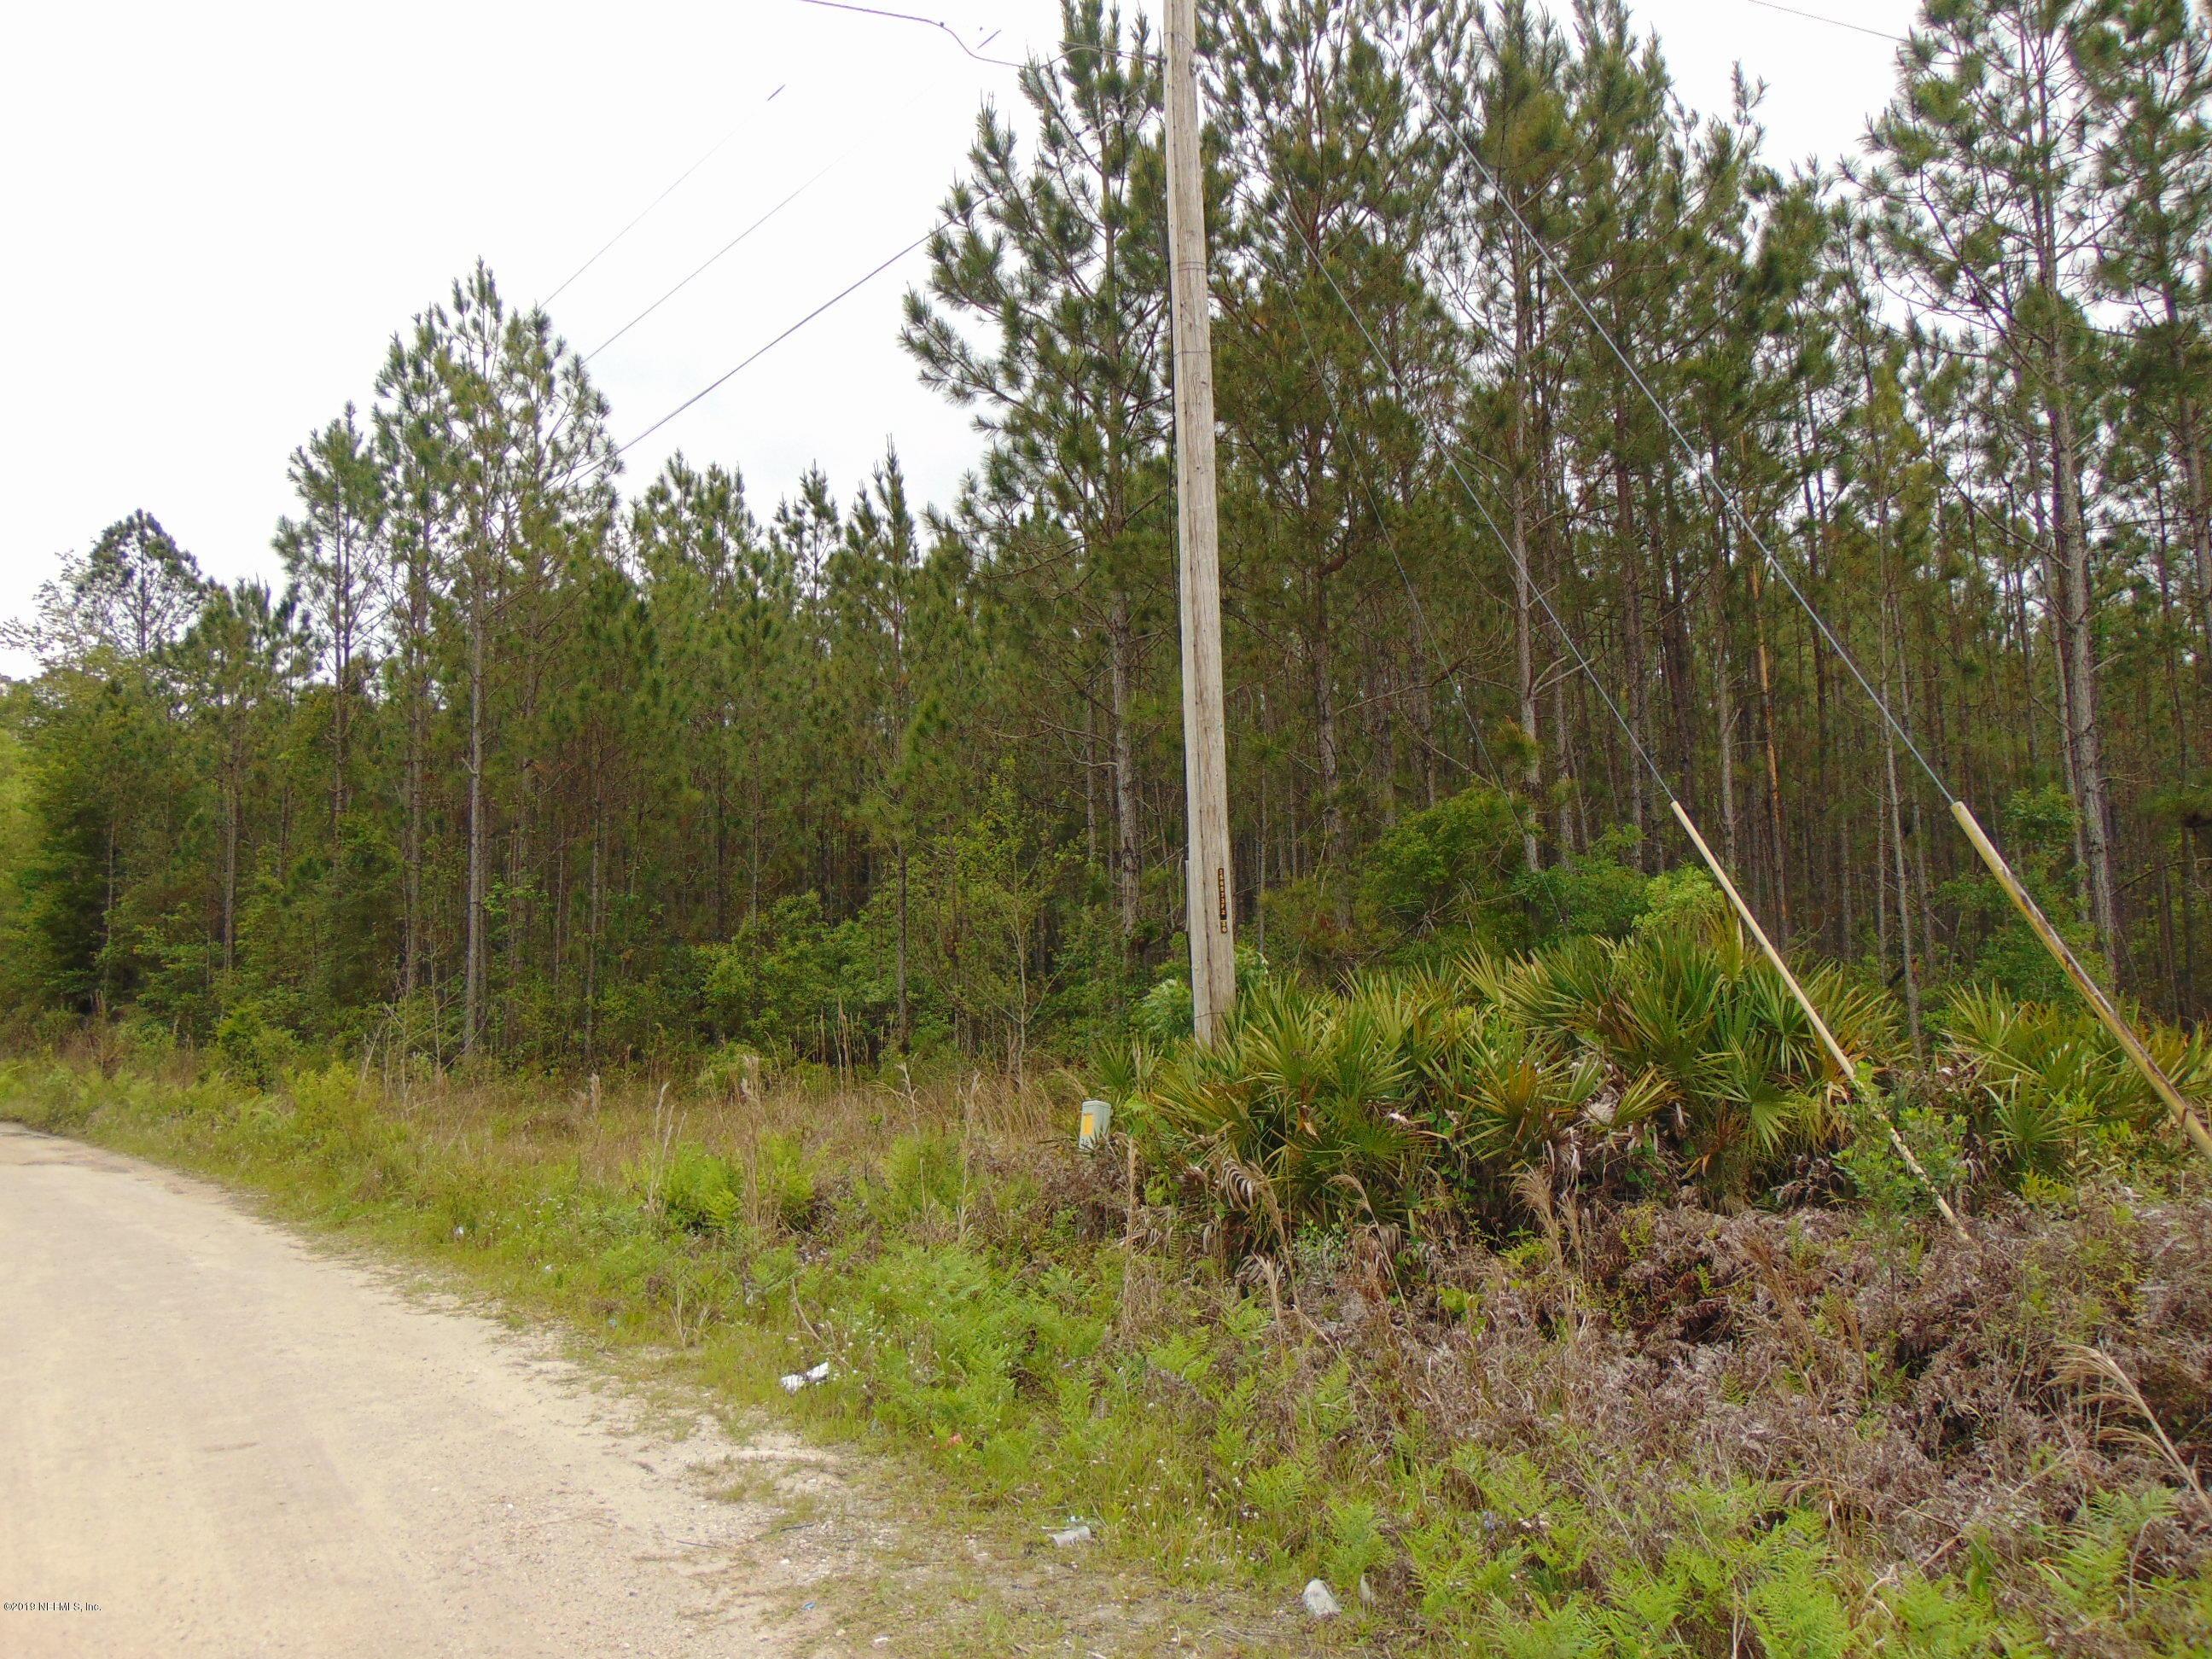 0 US HIGHWAY 301 & SE 122ND ST., STARKE, FLORIDA 32091, ,Vacant land,For sale,US HIGHWAY 301 & SE 122ND ST.,991057